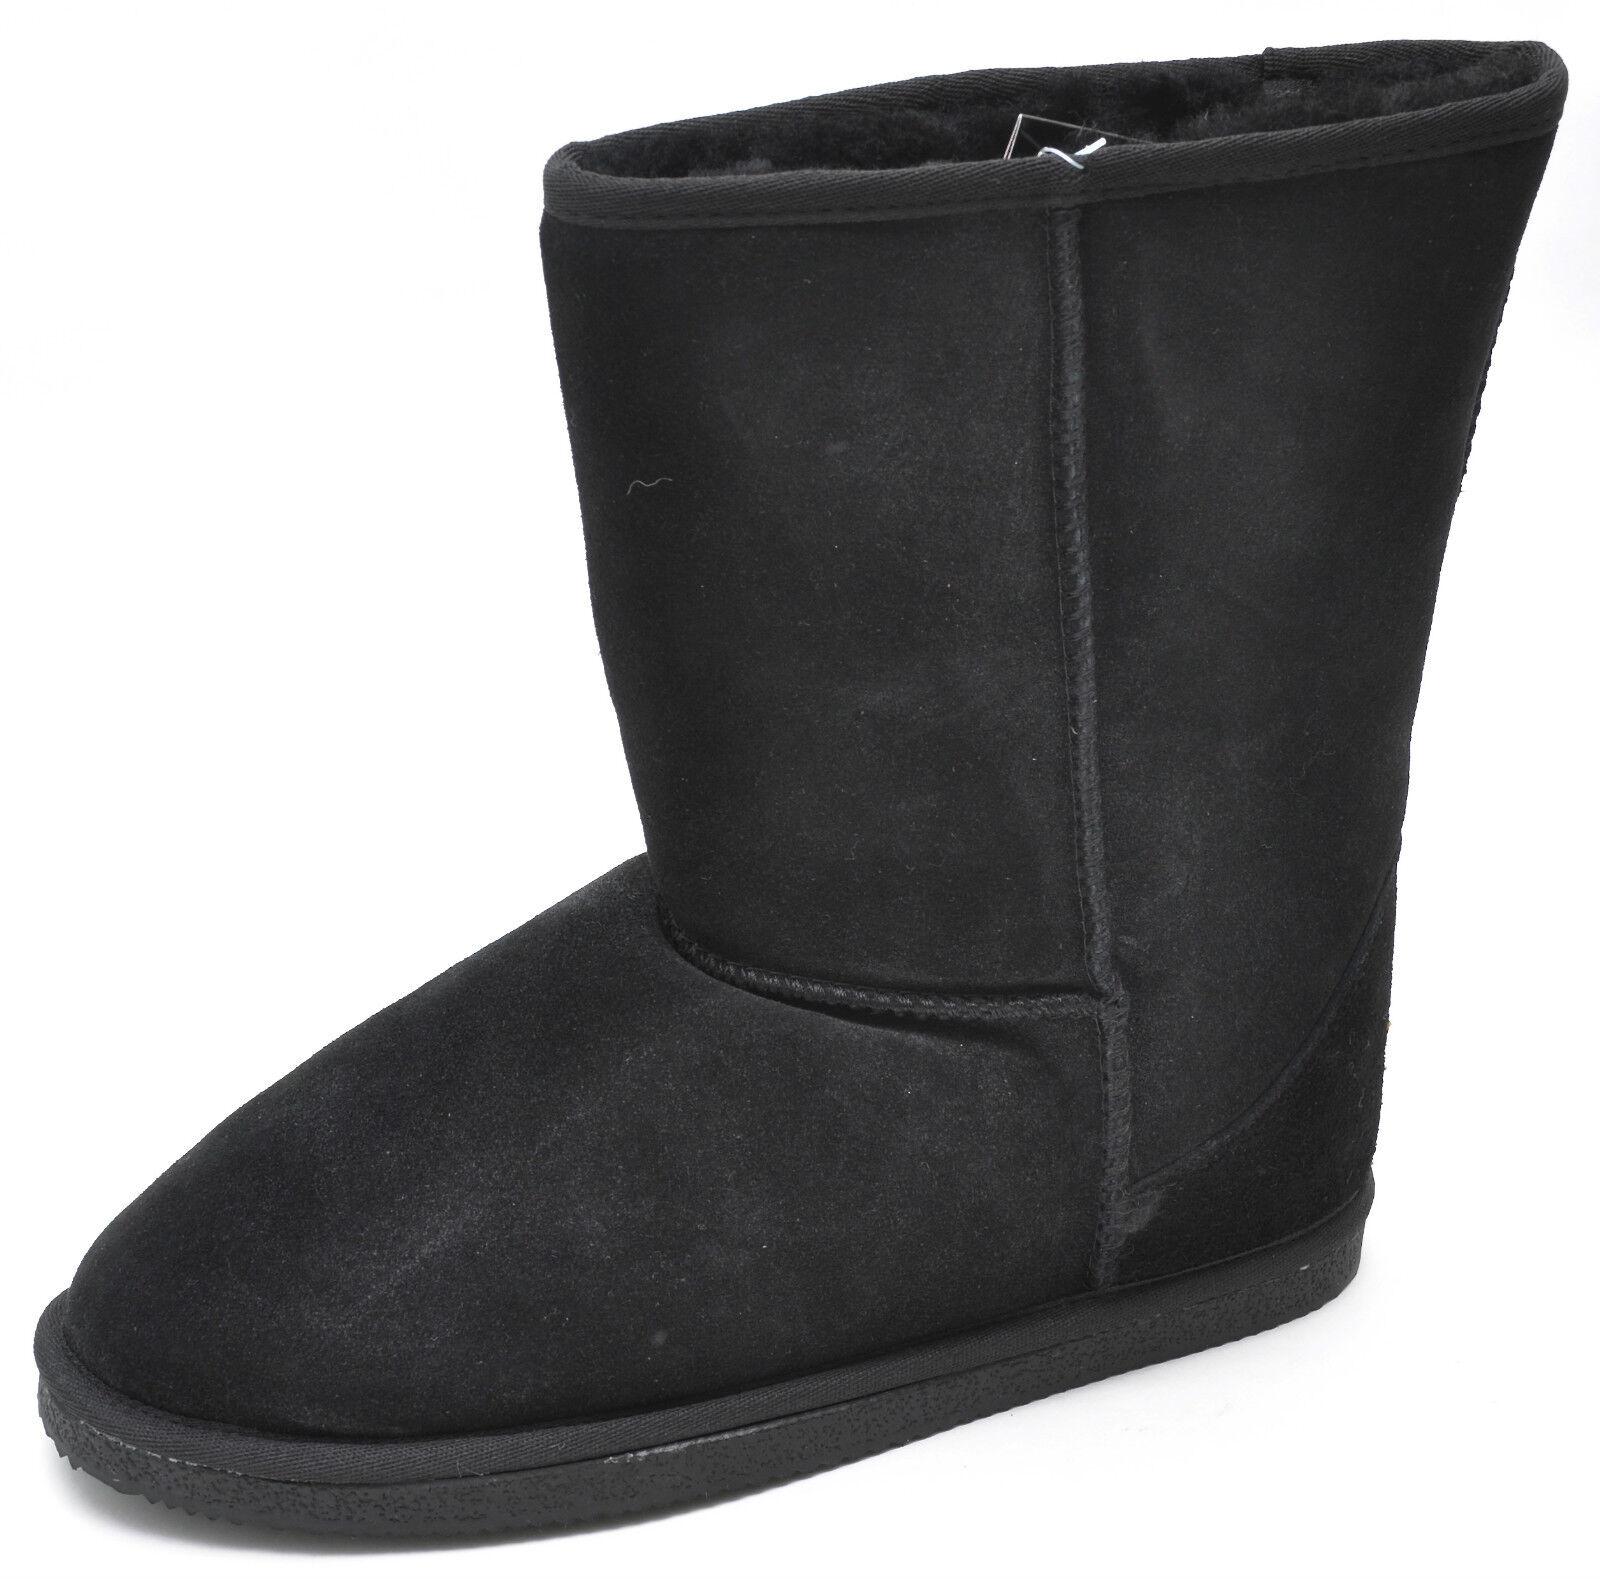 alta qualità e spedizione veloce Staheekum Brand Brand Brand nero Classic Mid-Calf Australian Sheepskin Wool stivali Donna   a buon mercato